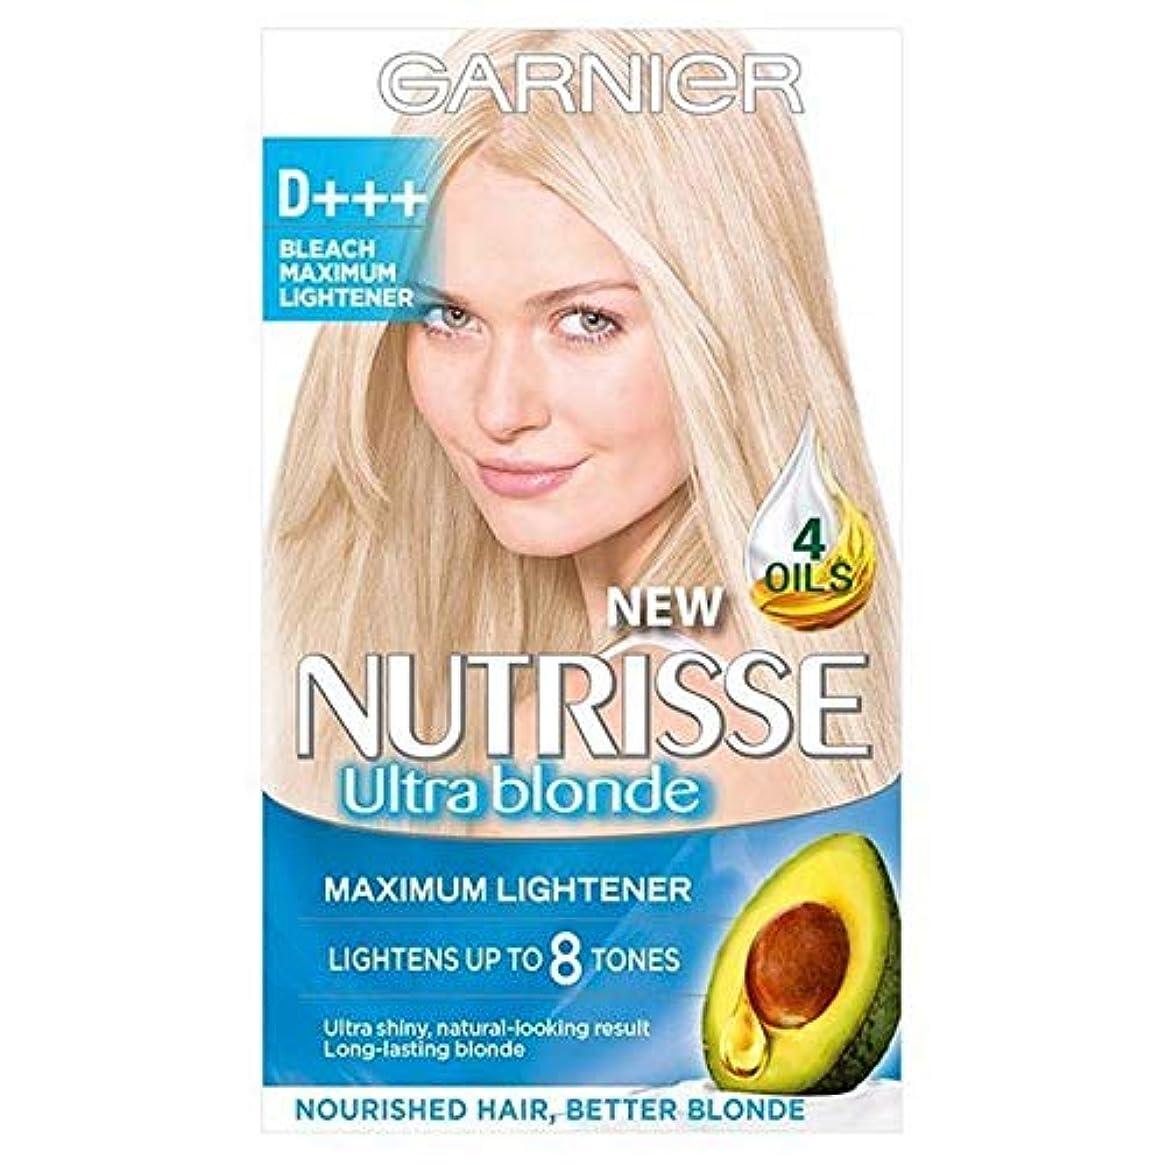 連合正気ウェイド[Garnier ] ガルニエNutrisse D +++漂白ライトナーパーマネントヘアダイ - Garnier Nutrisse D+++ Bleach Lightener Permanent Hair Dye [並行輸入品]